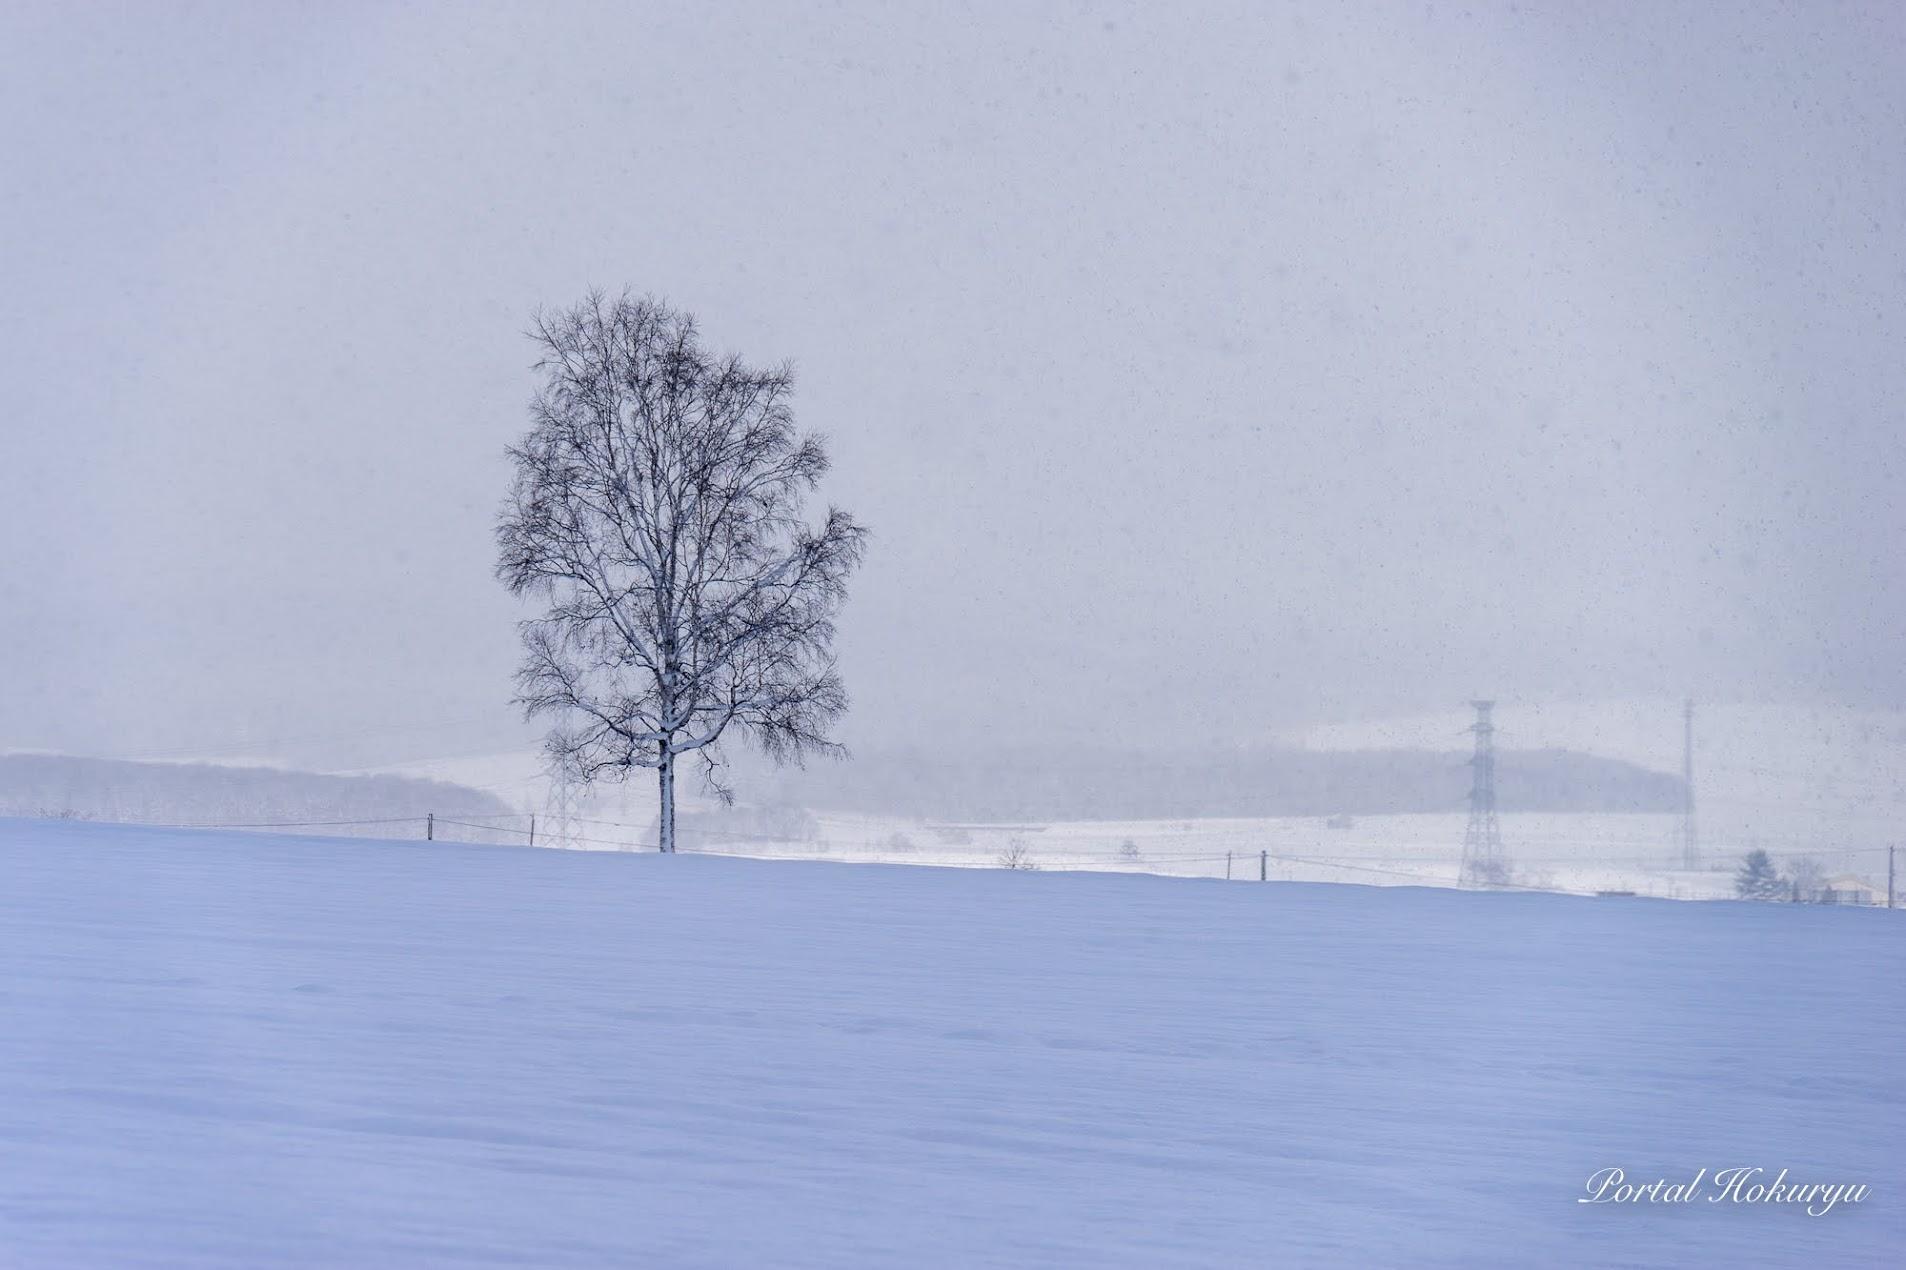 毅然と佇む一本の木